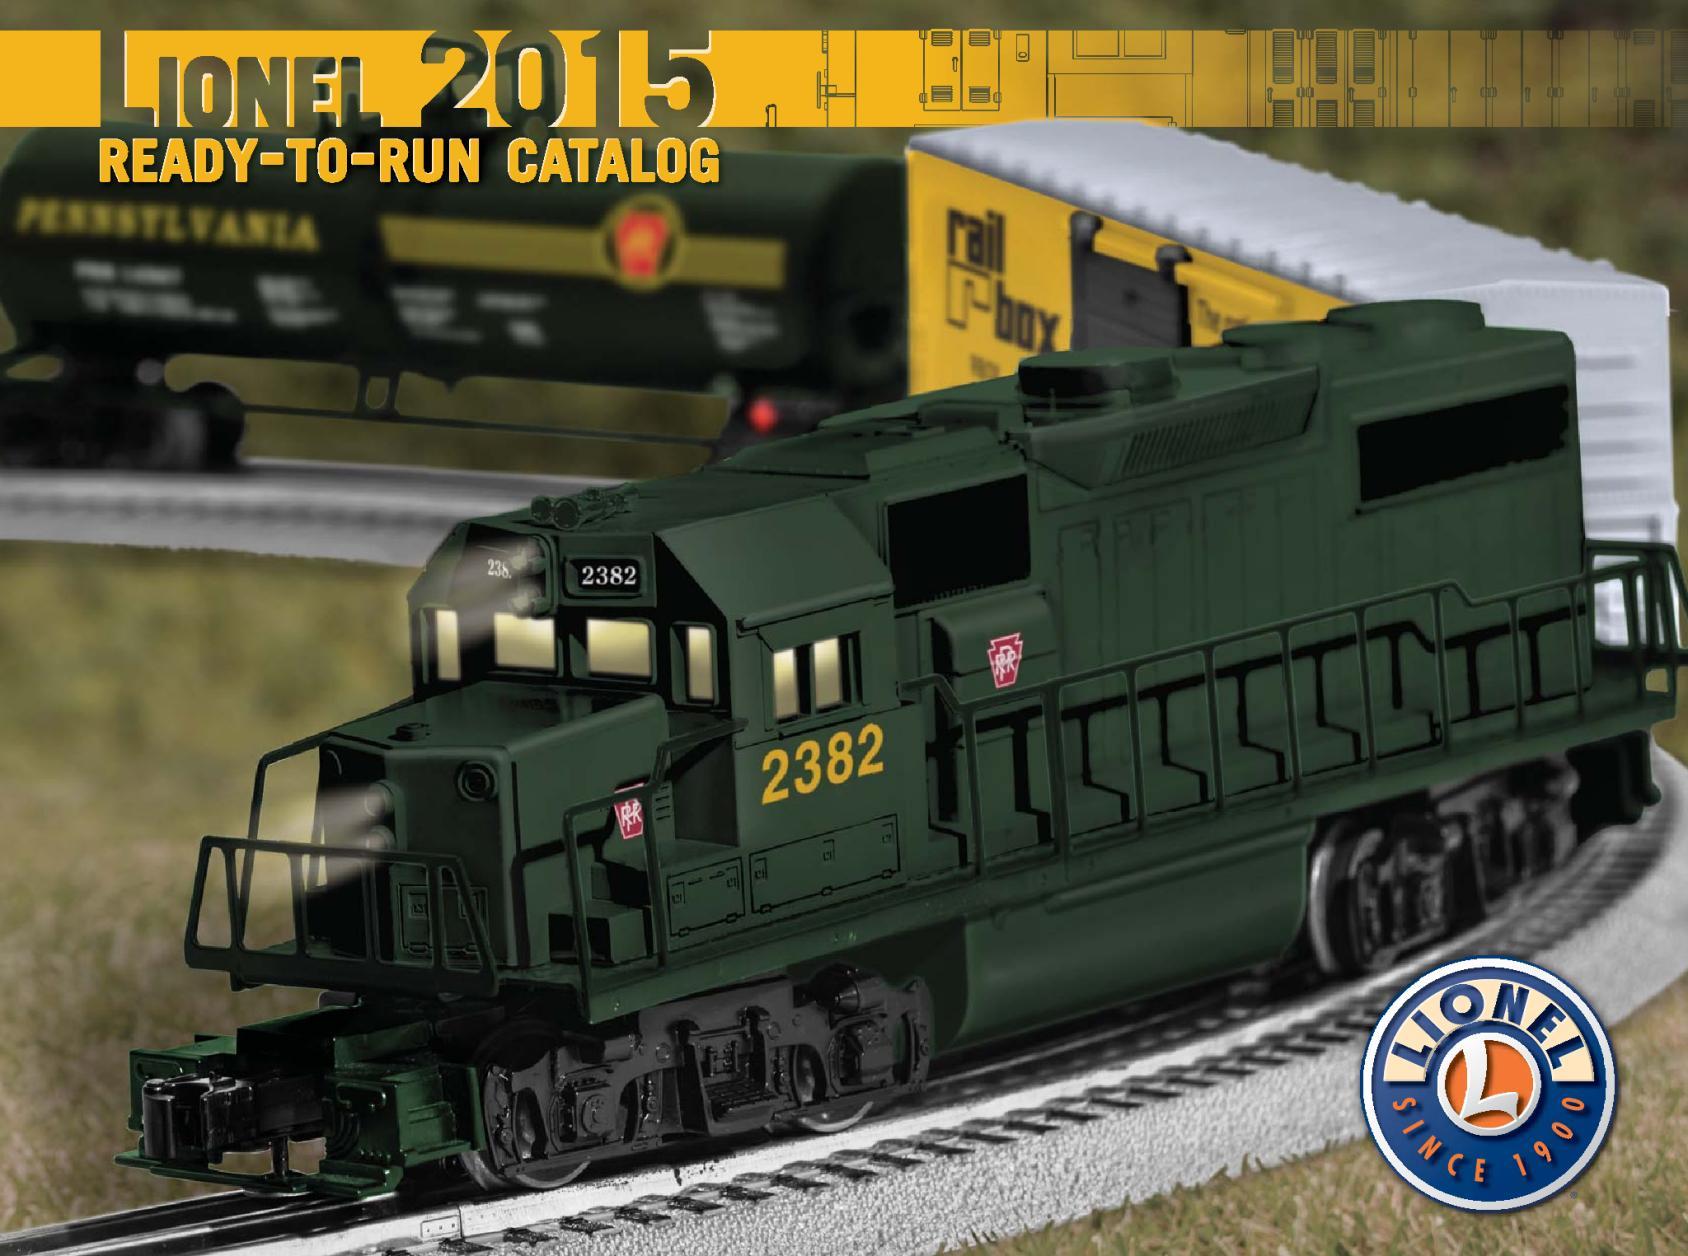 Lionel Catalogs - Ready To Run 2015